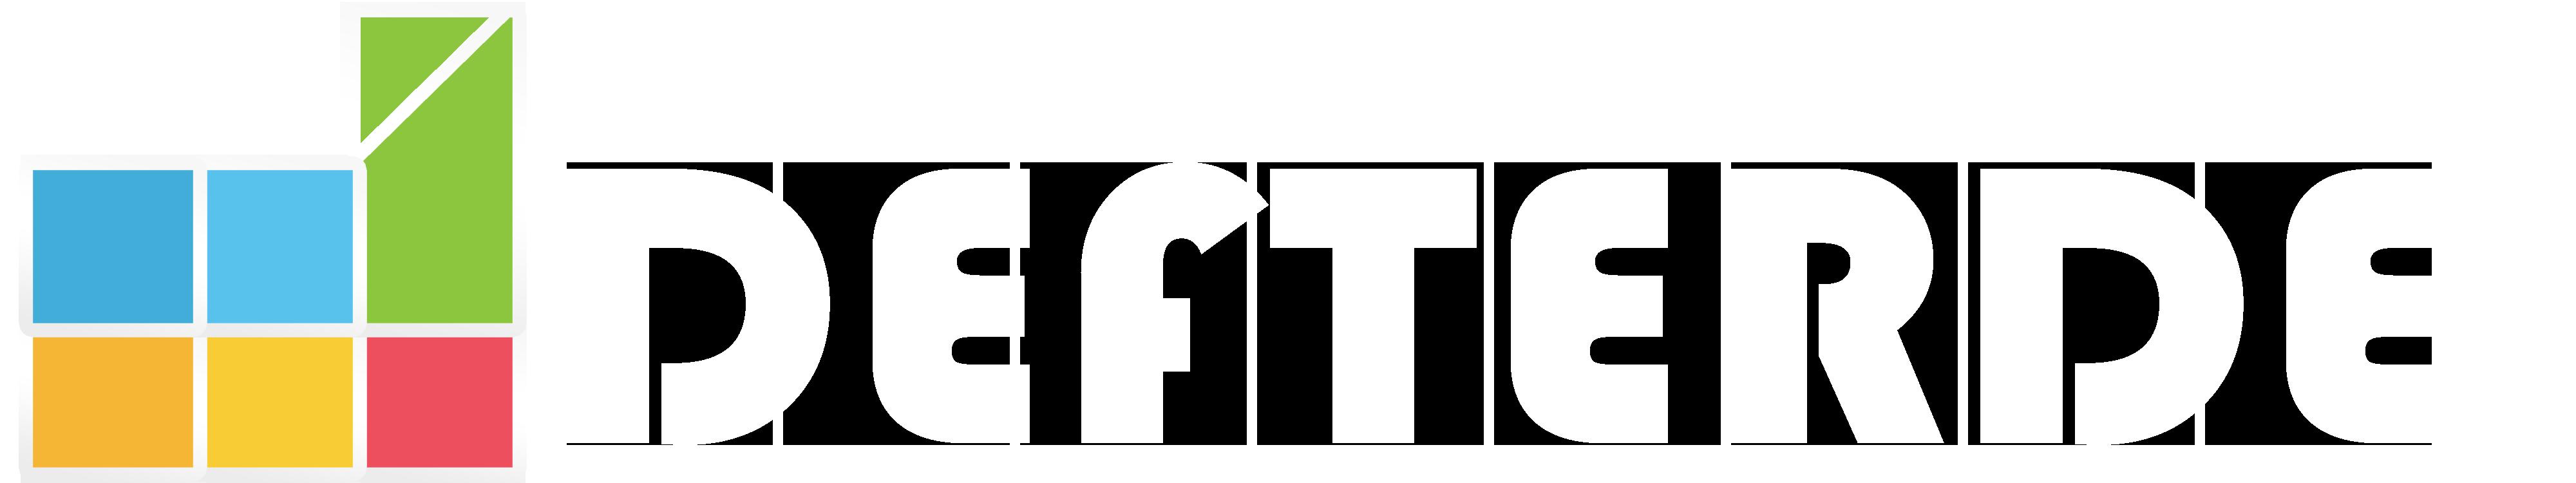 Defterde Sosyal Ağı Logo